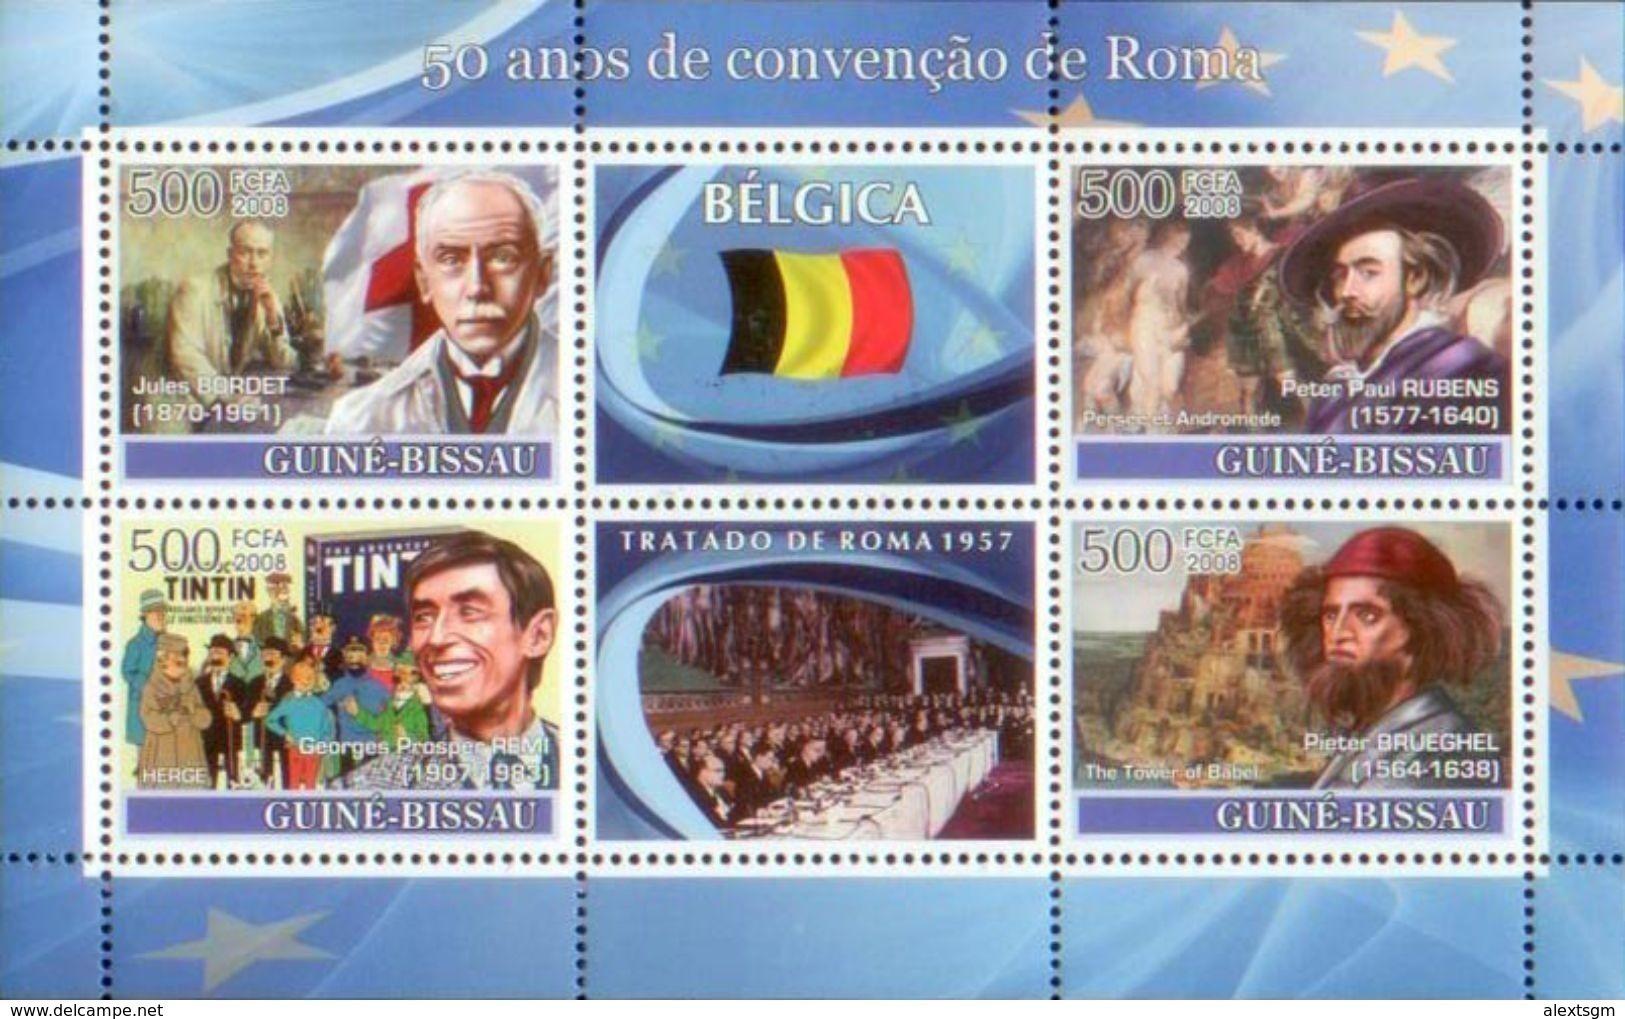 GUINEA BISSAU 2008 - Belgium, Tintin - YT 2480-3 - Stripsverhalen